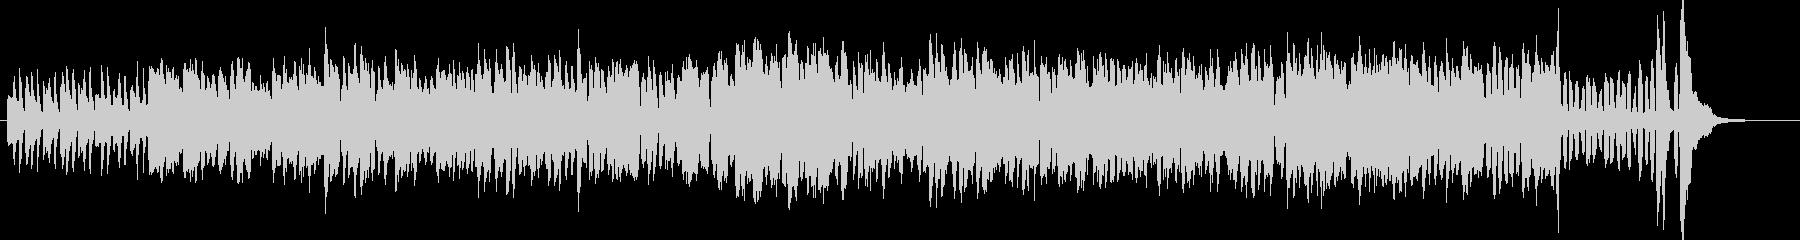 バンドネオンとピアノだけの妖しいワルツの未再生の波形